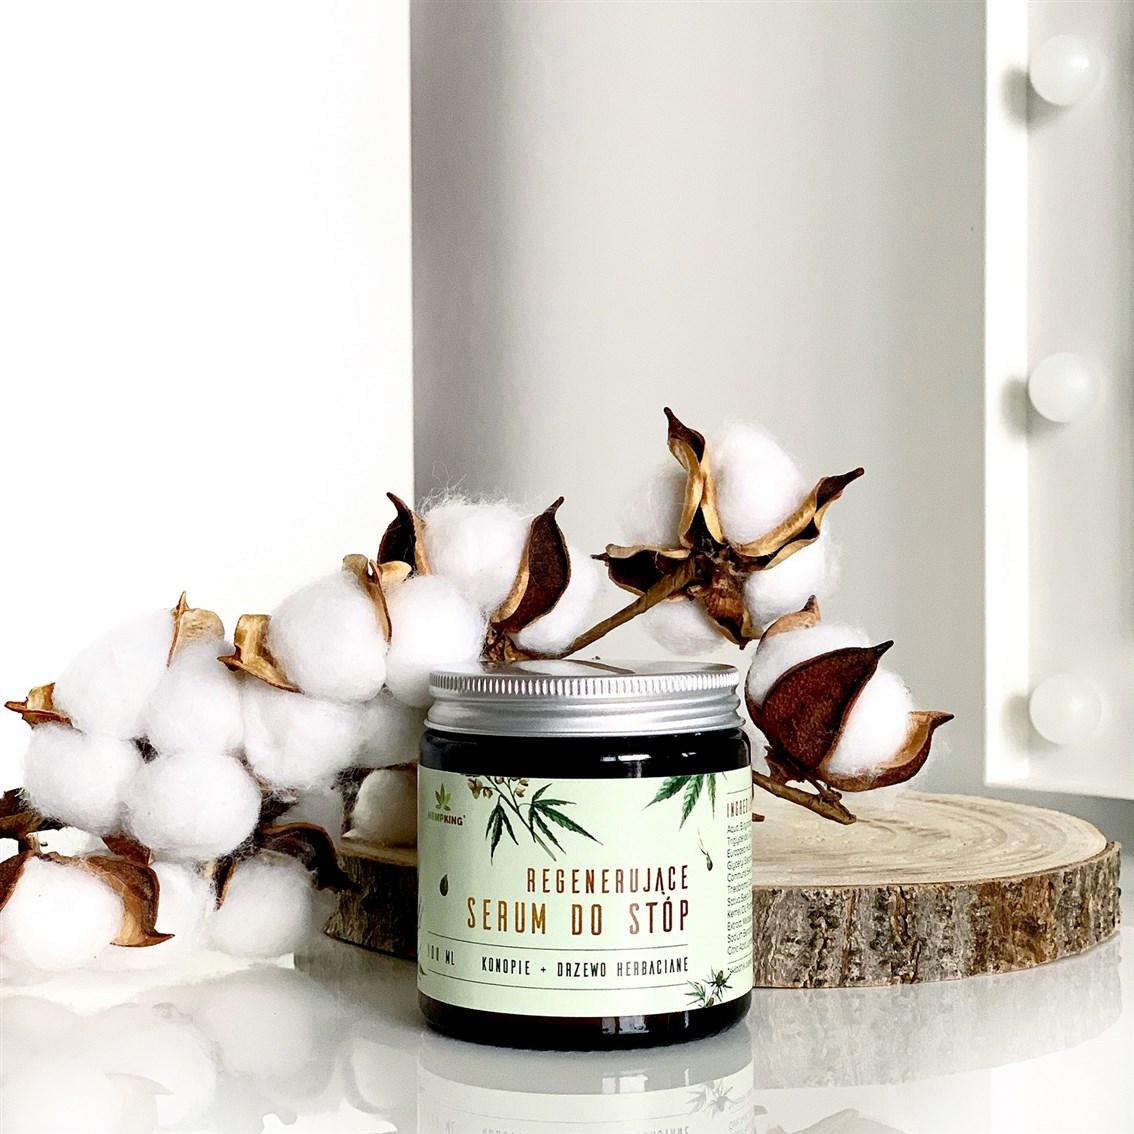 HempKing Regenerujące serum do stóp z CBD o zapachu drzewa herbacianego